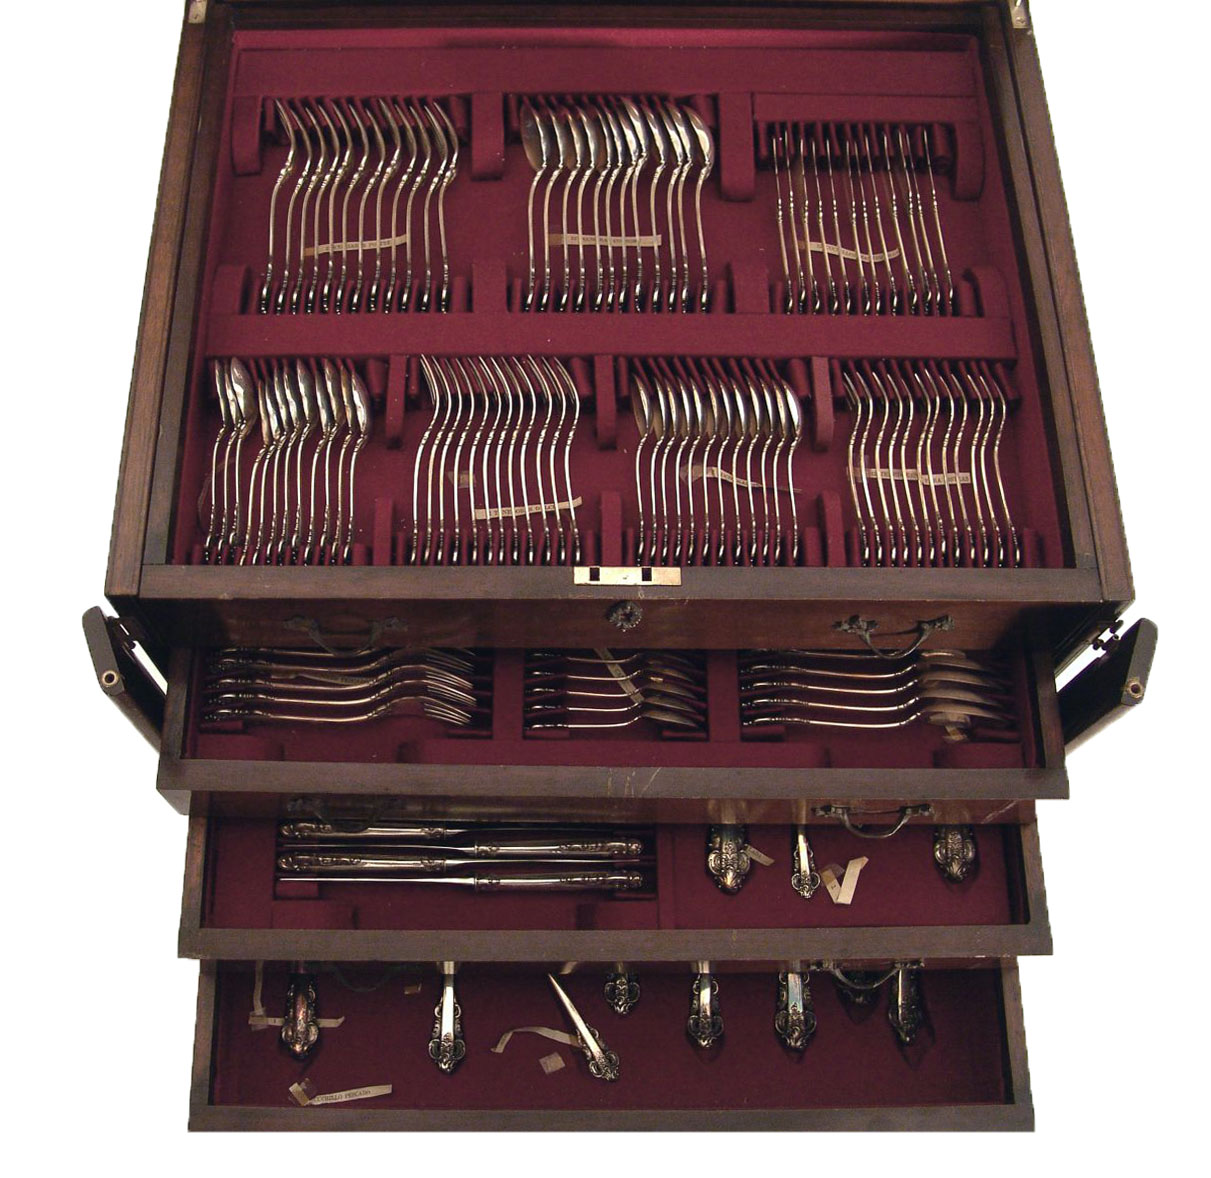 Bgw remate 222 plateria gek htm gendata for Cubiertos de plata precio